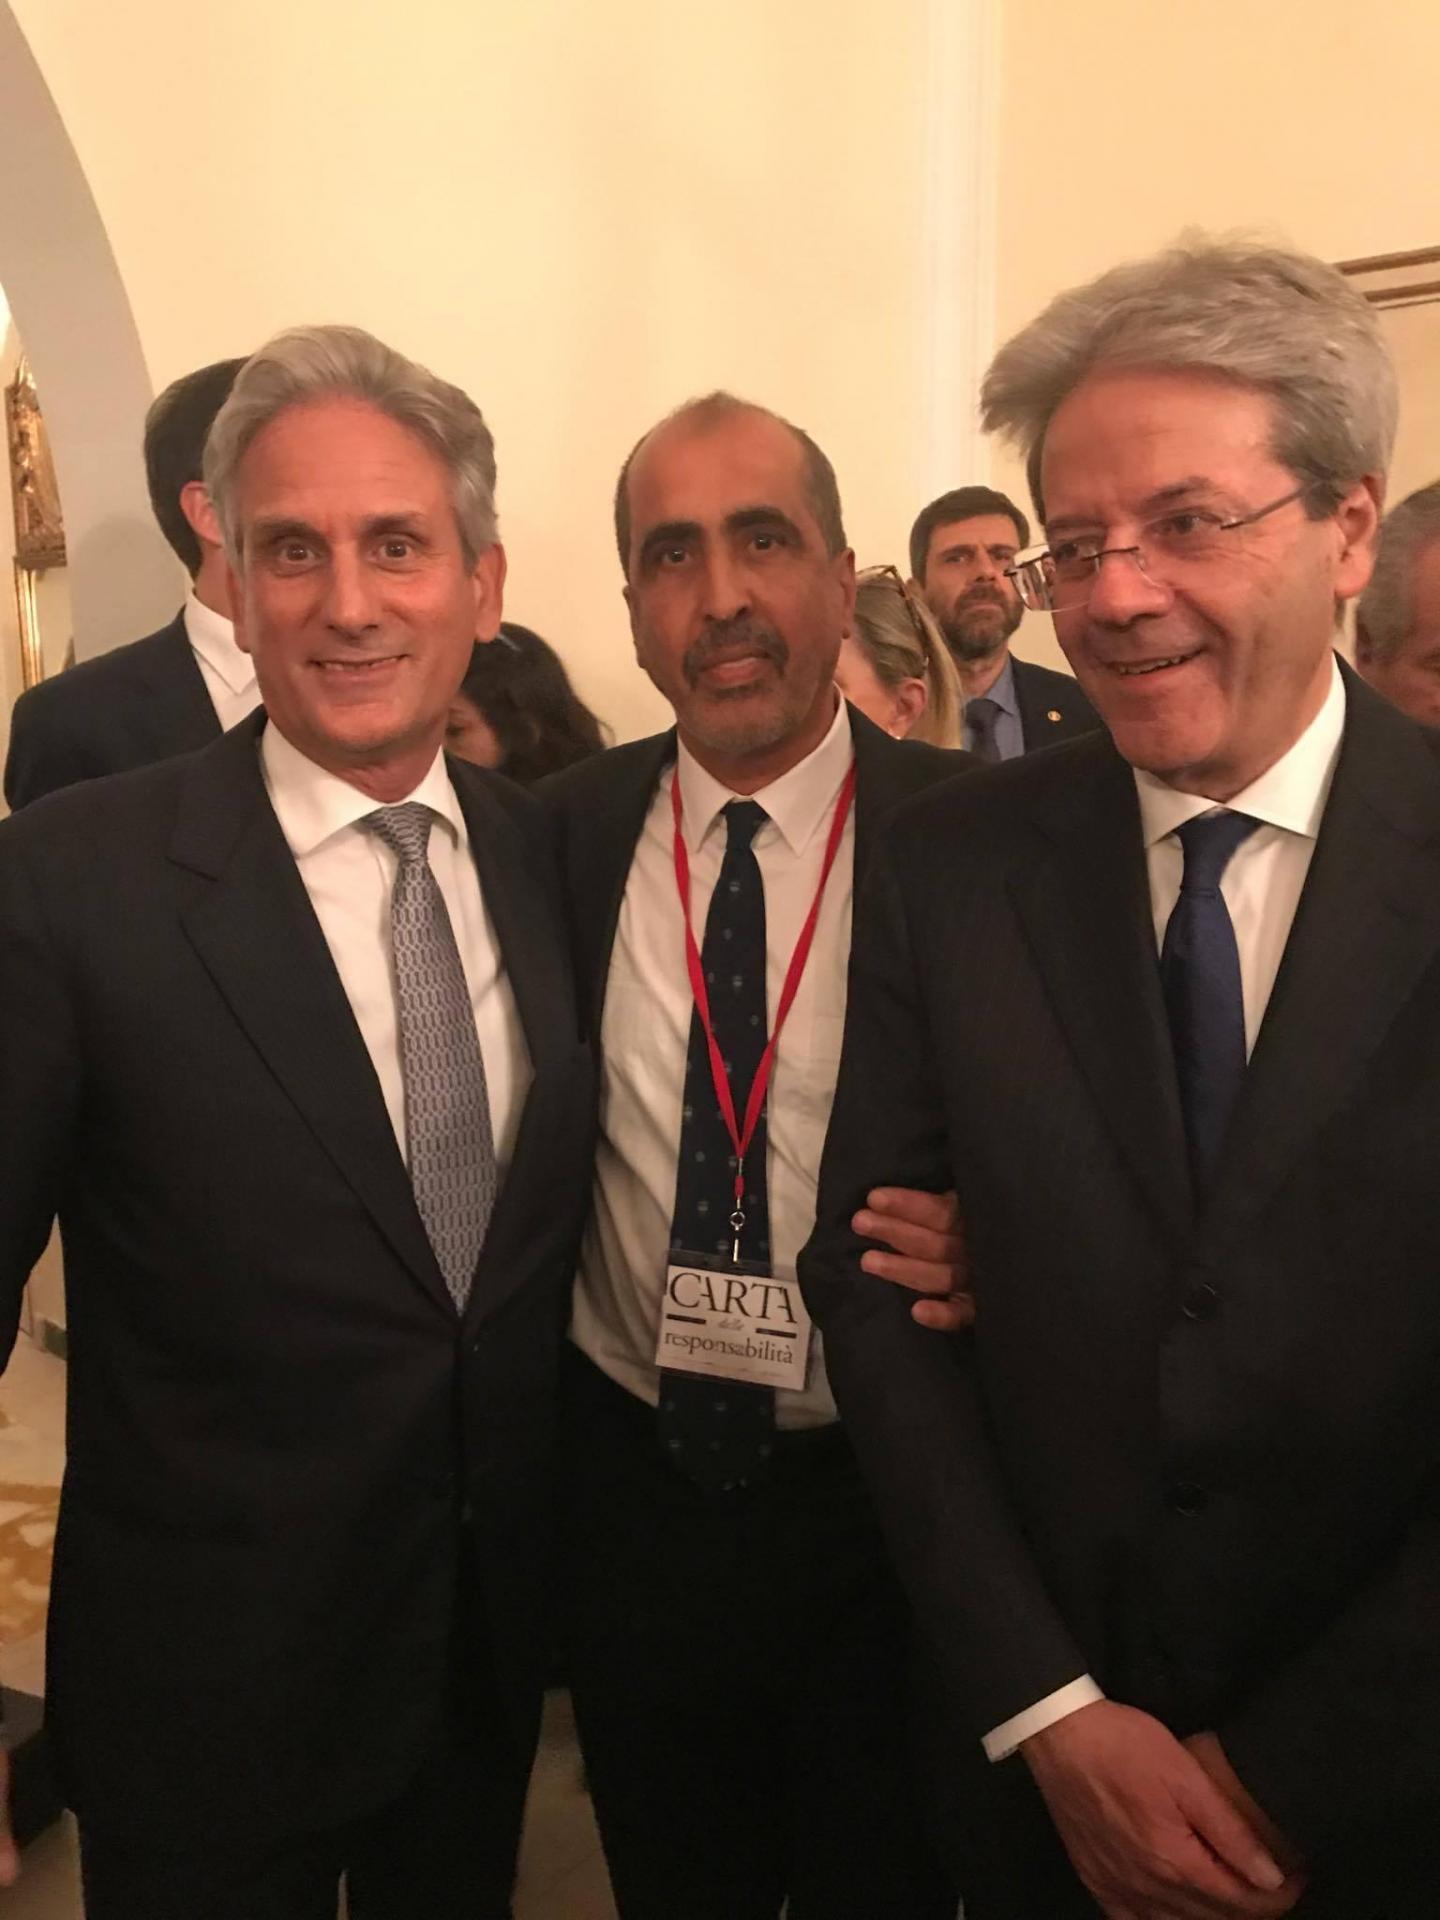 L'Ambasciatore d'Italia a Tunisi Raimondo De Cardona con Hamadi ben Abdesslem e il Presidente Paolo Gentiloni